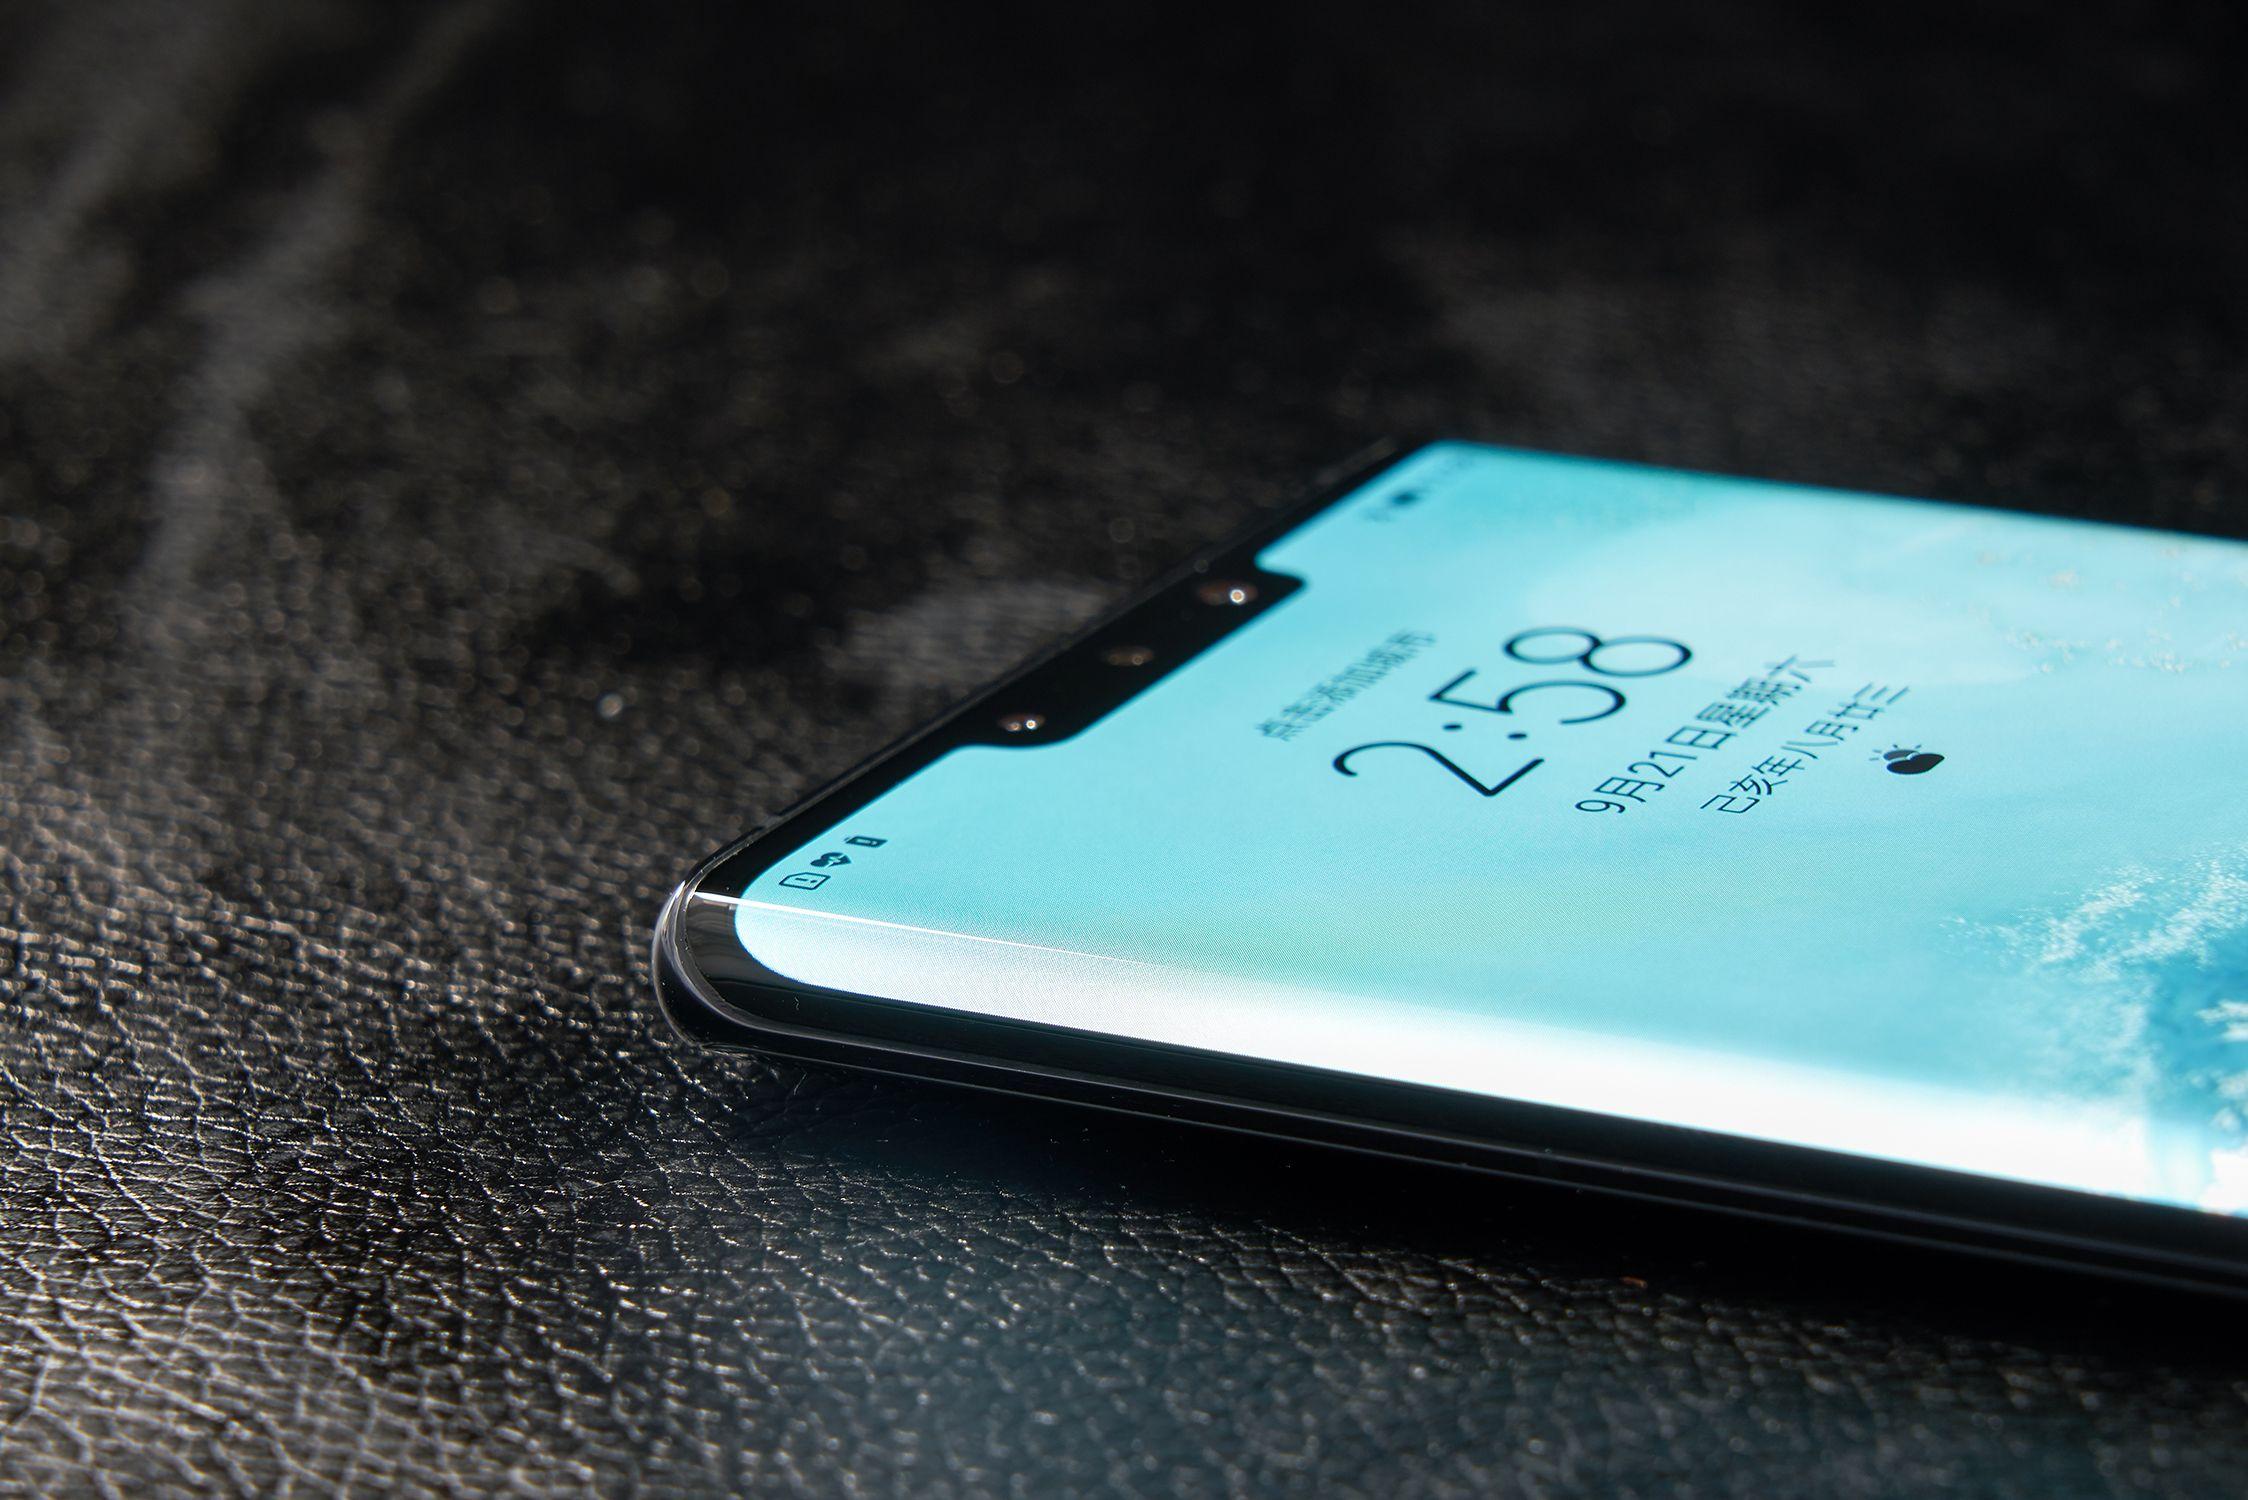 华为Mate30 Pro上手评测:超曲面环幕屏,影像能力提升明显的照片 - 2